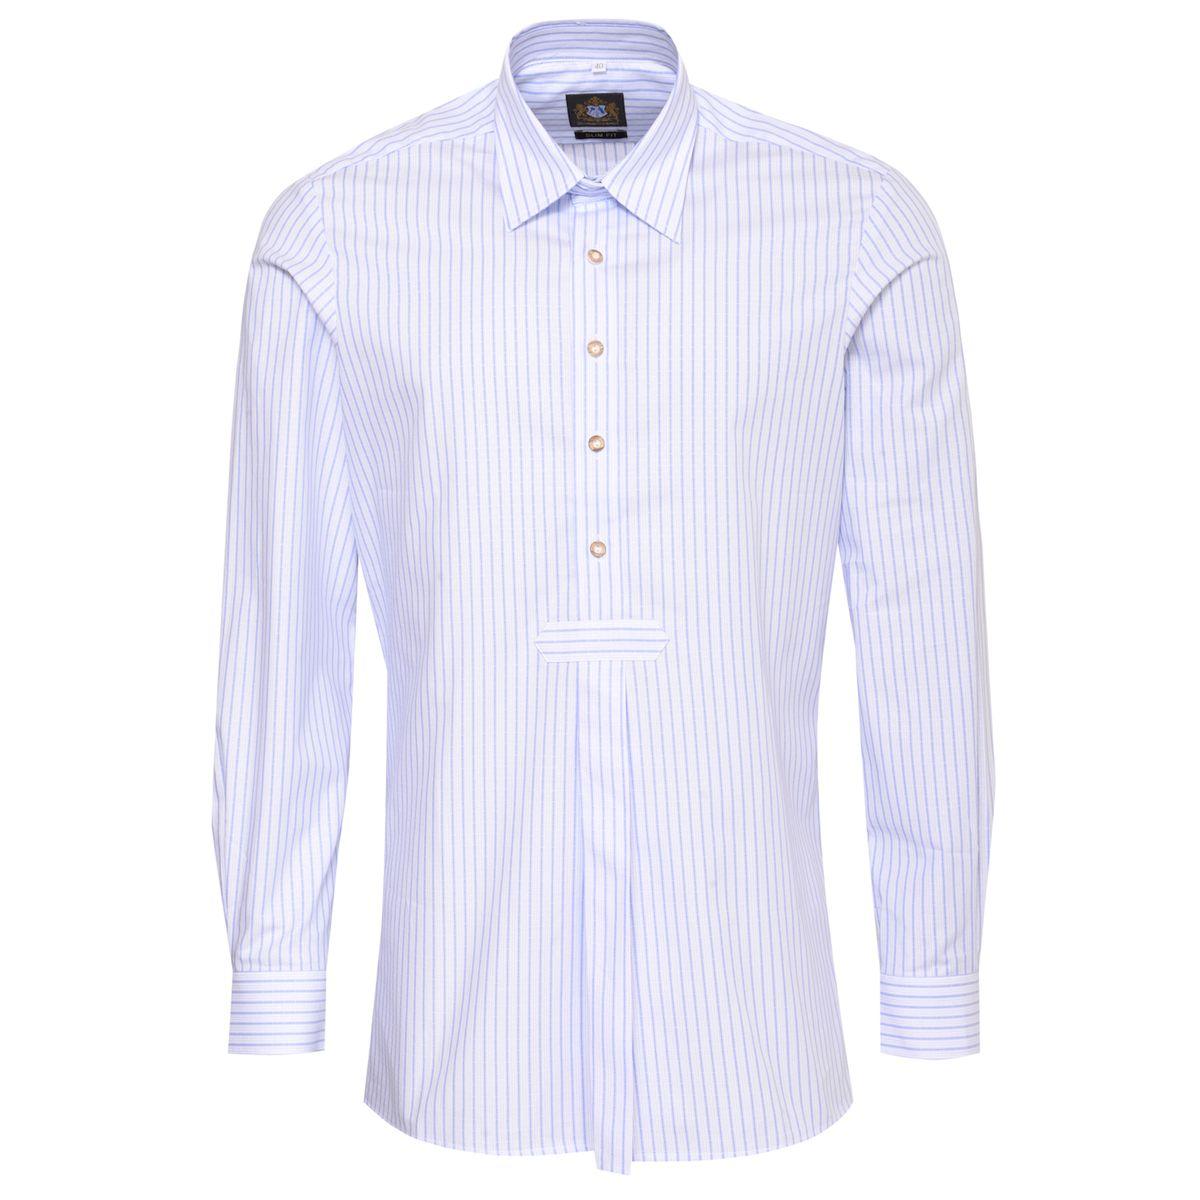 Trachtenhemd Slim Fit Pfoad zweifarbig in Hellblau und Blau von Hammerschmid